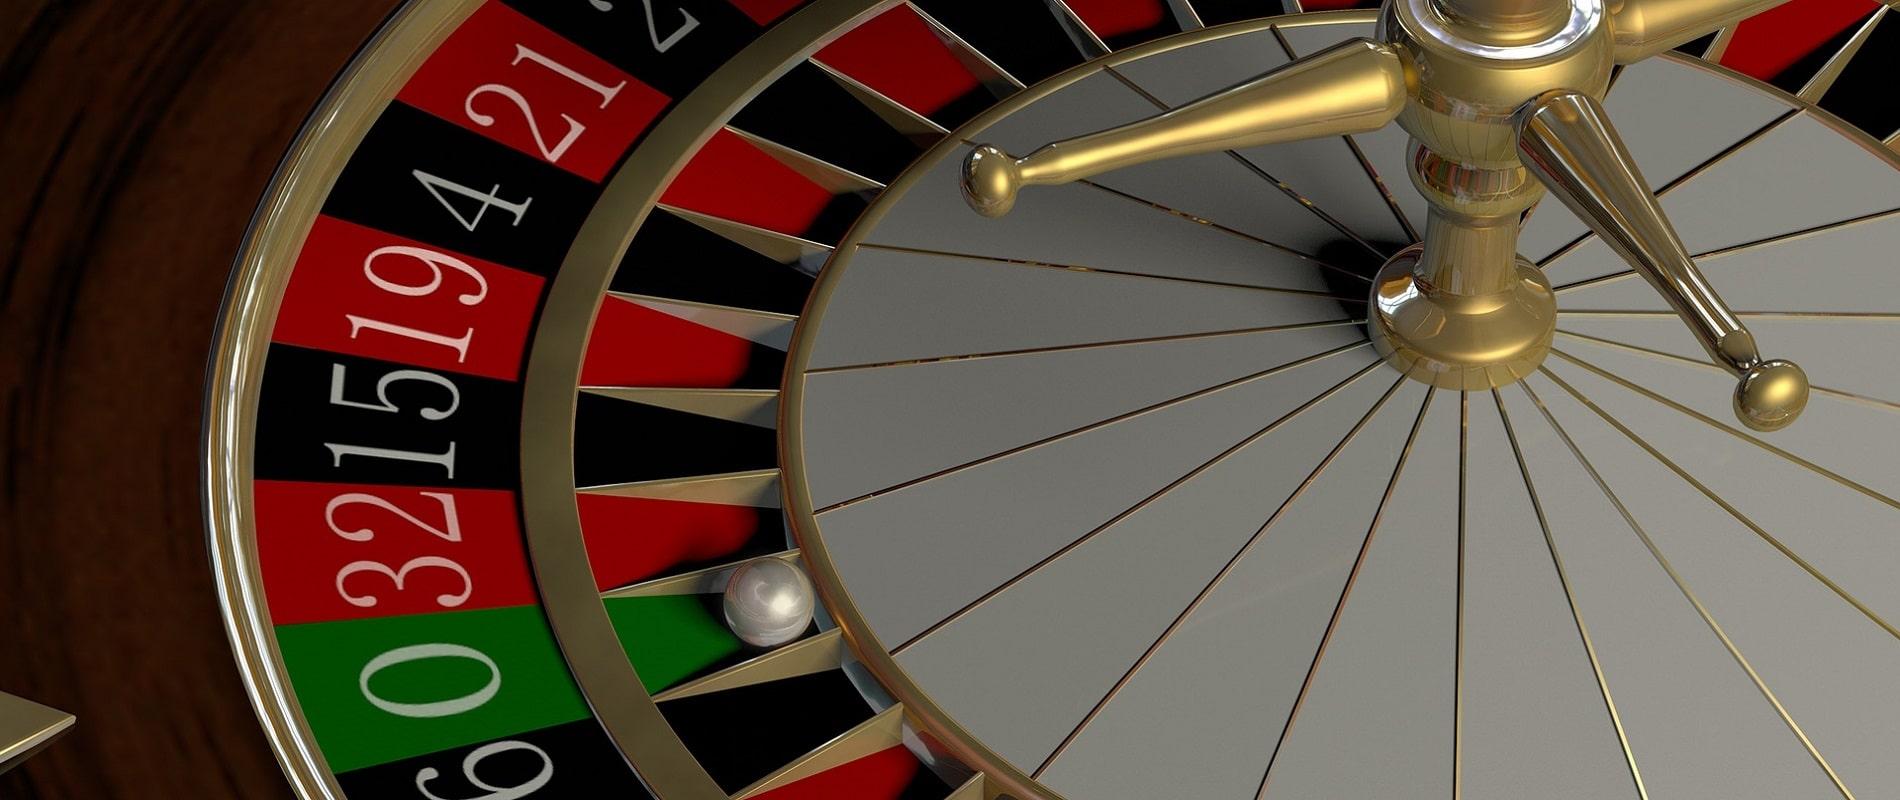 kasyno online od 1 zł Raz, kasyno online od 1 zł Dwa razy: 3 powody, dla których nie powinieneś kasyno online od 1 zł Trzeci raz